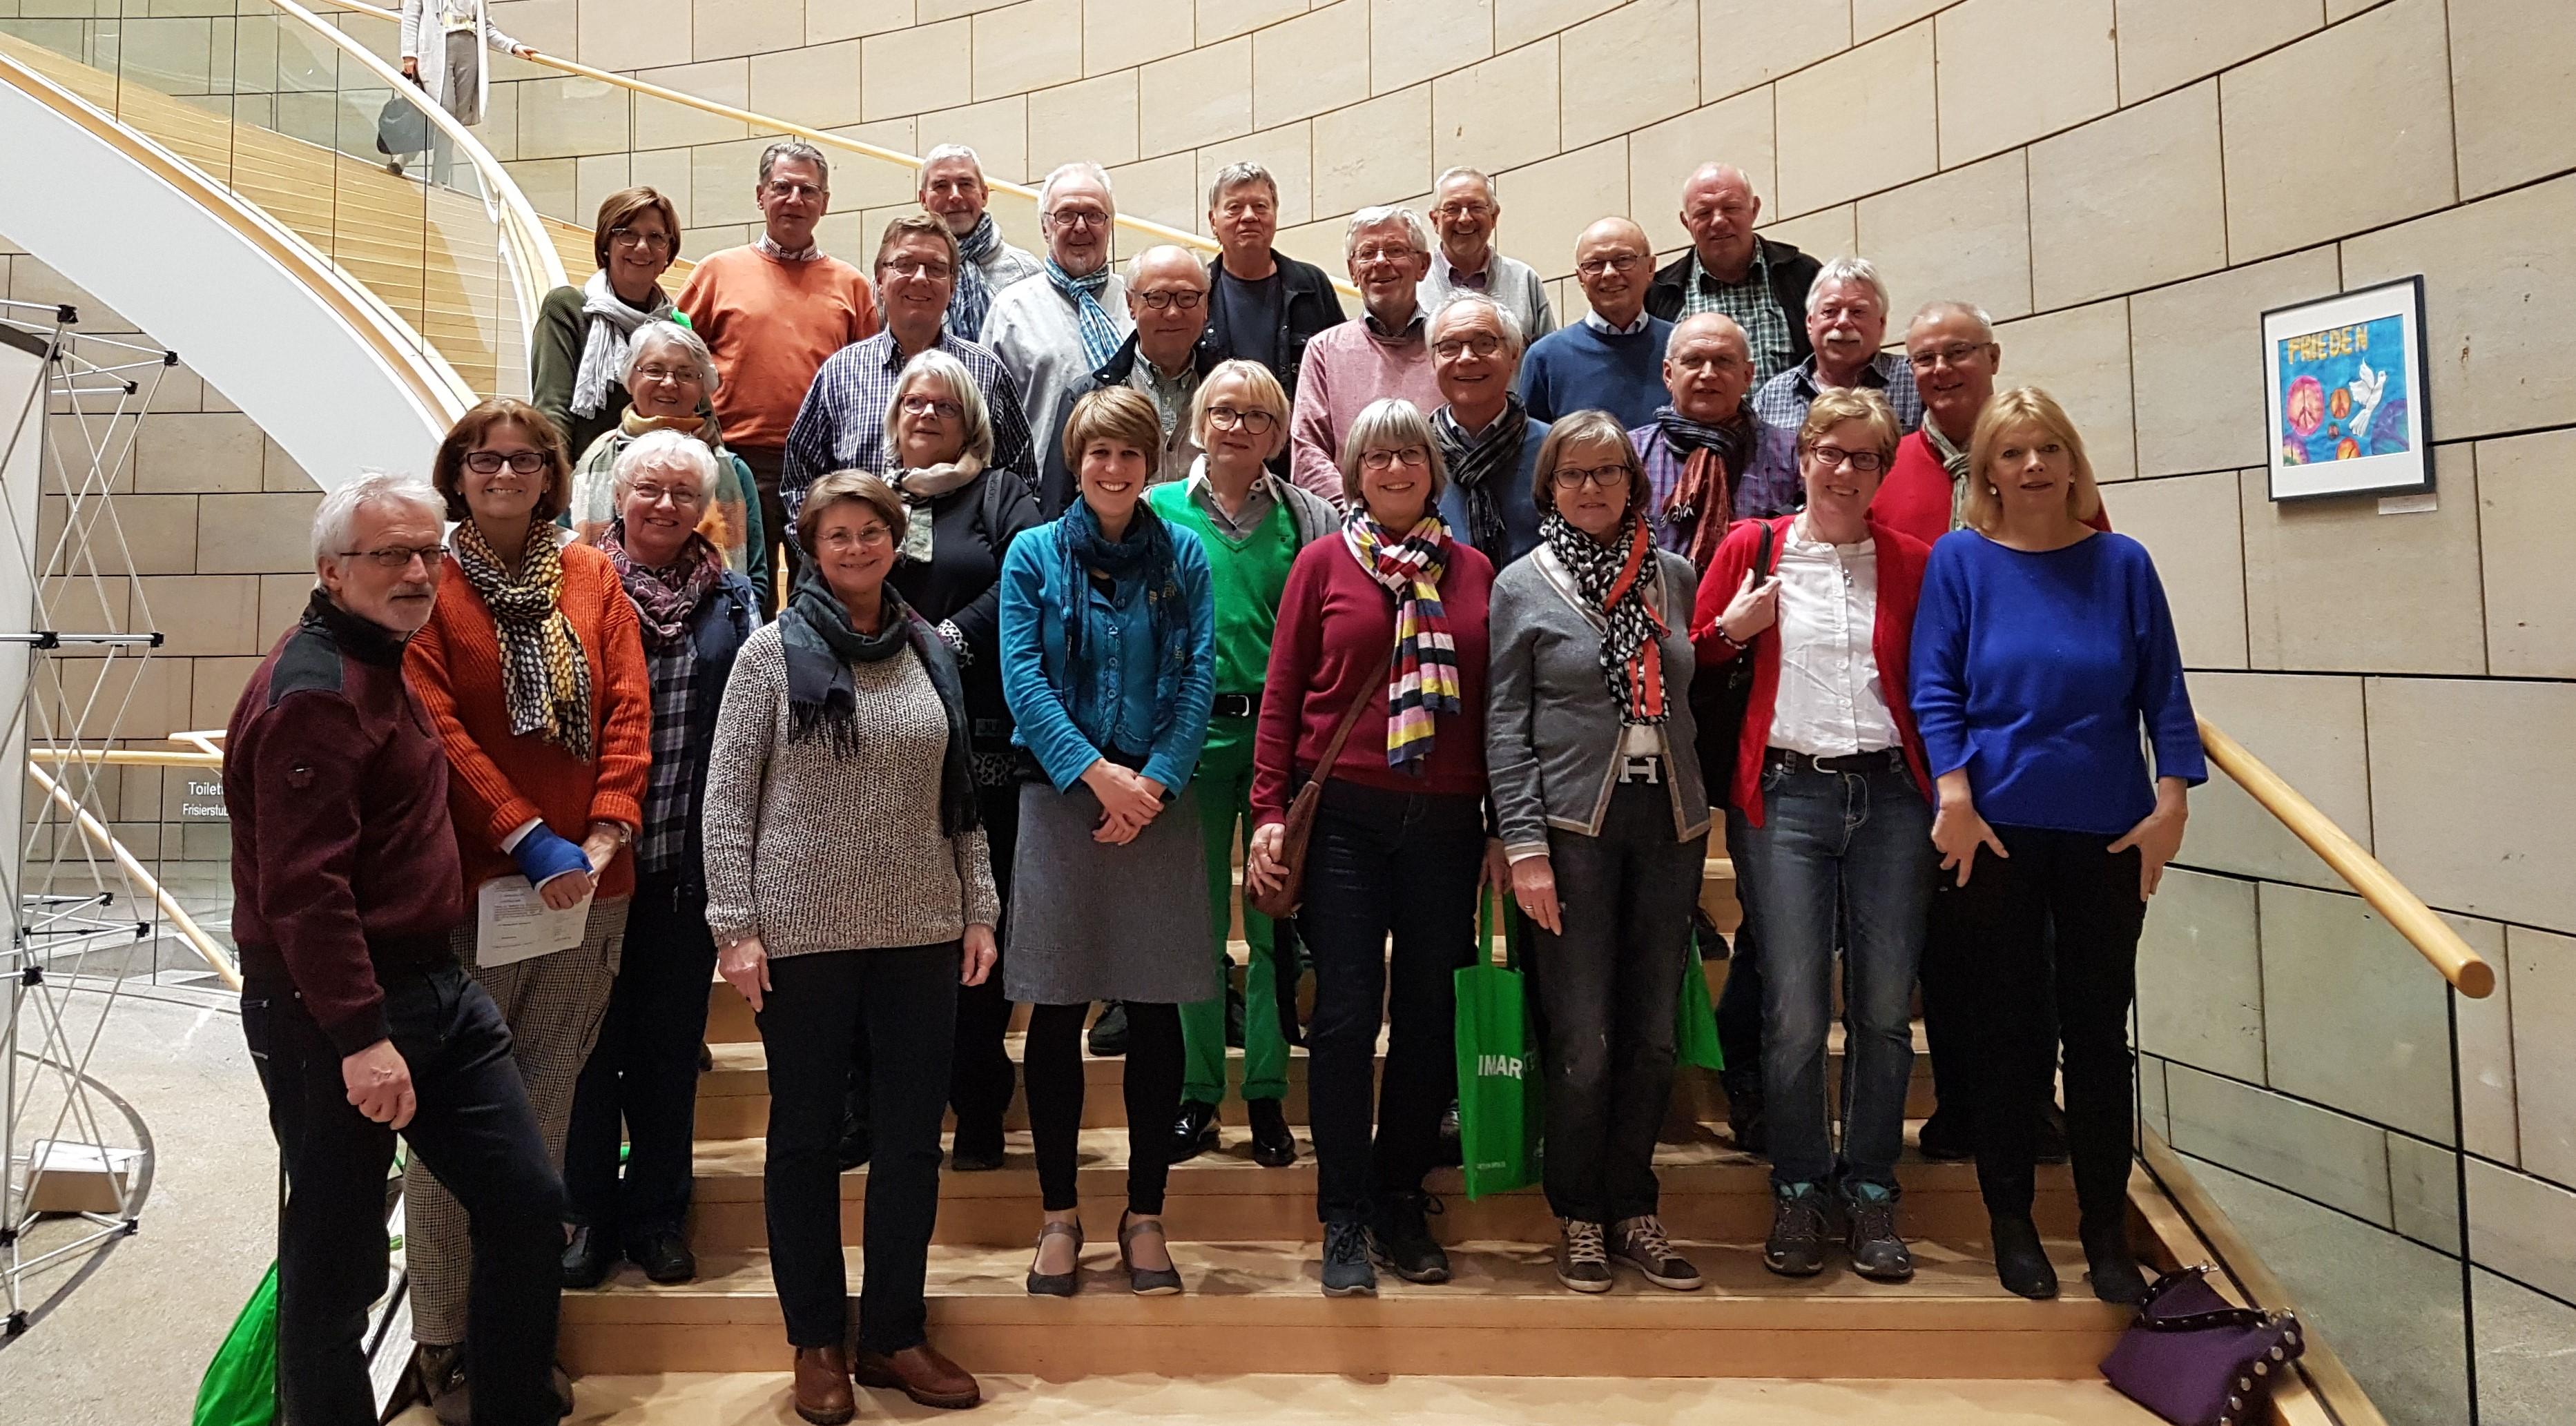 ZWAR-Gruppe Herdecke besucht Verena Schäffer im Landtag